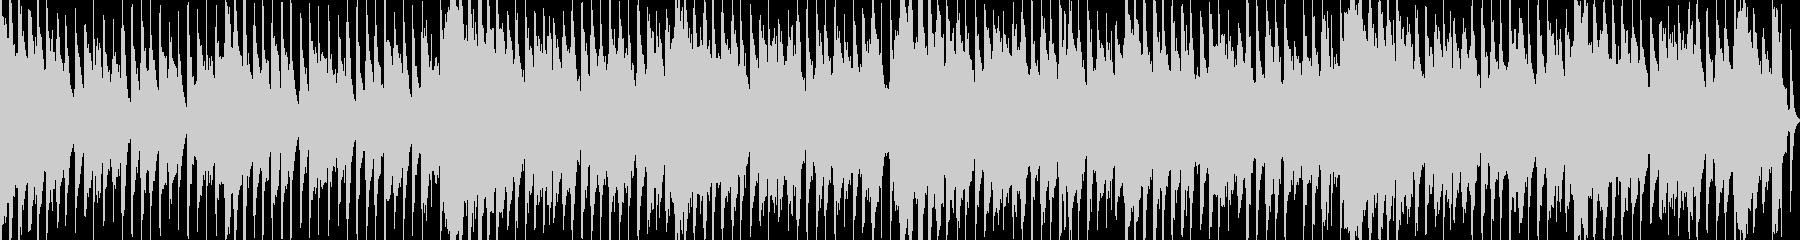 メルヘンチックな可愛いループBGMの未再生の波形